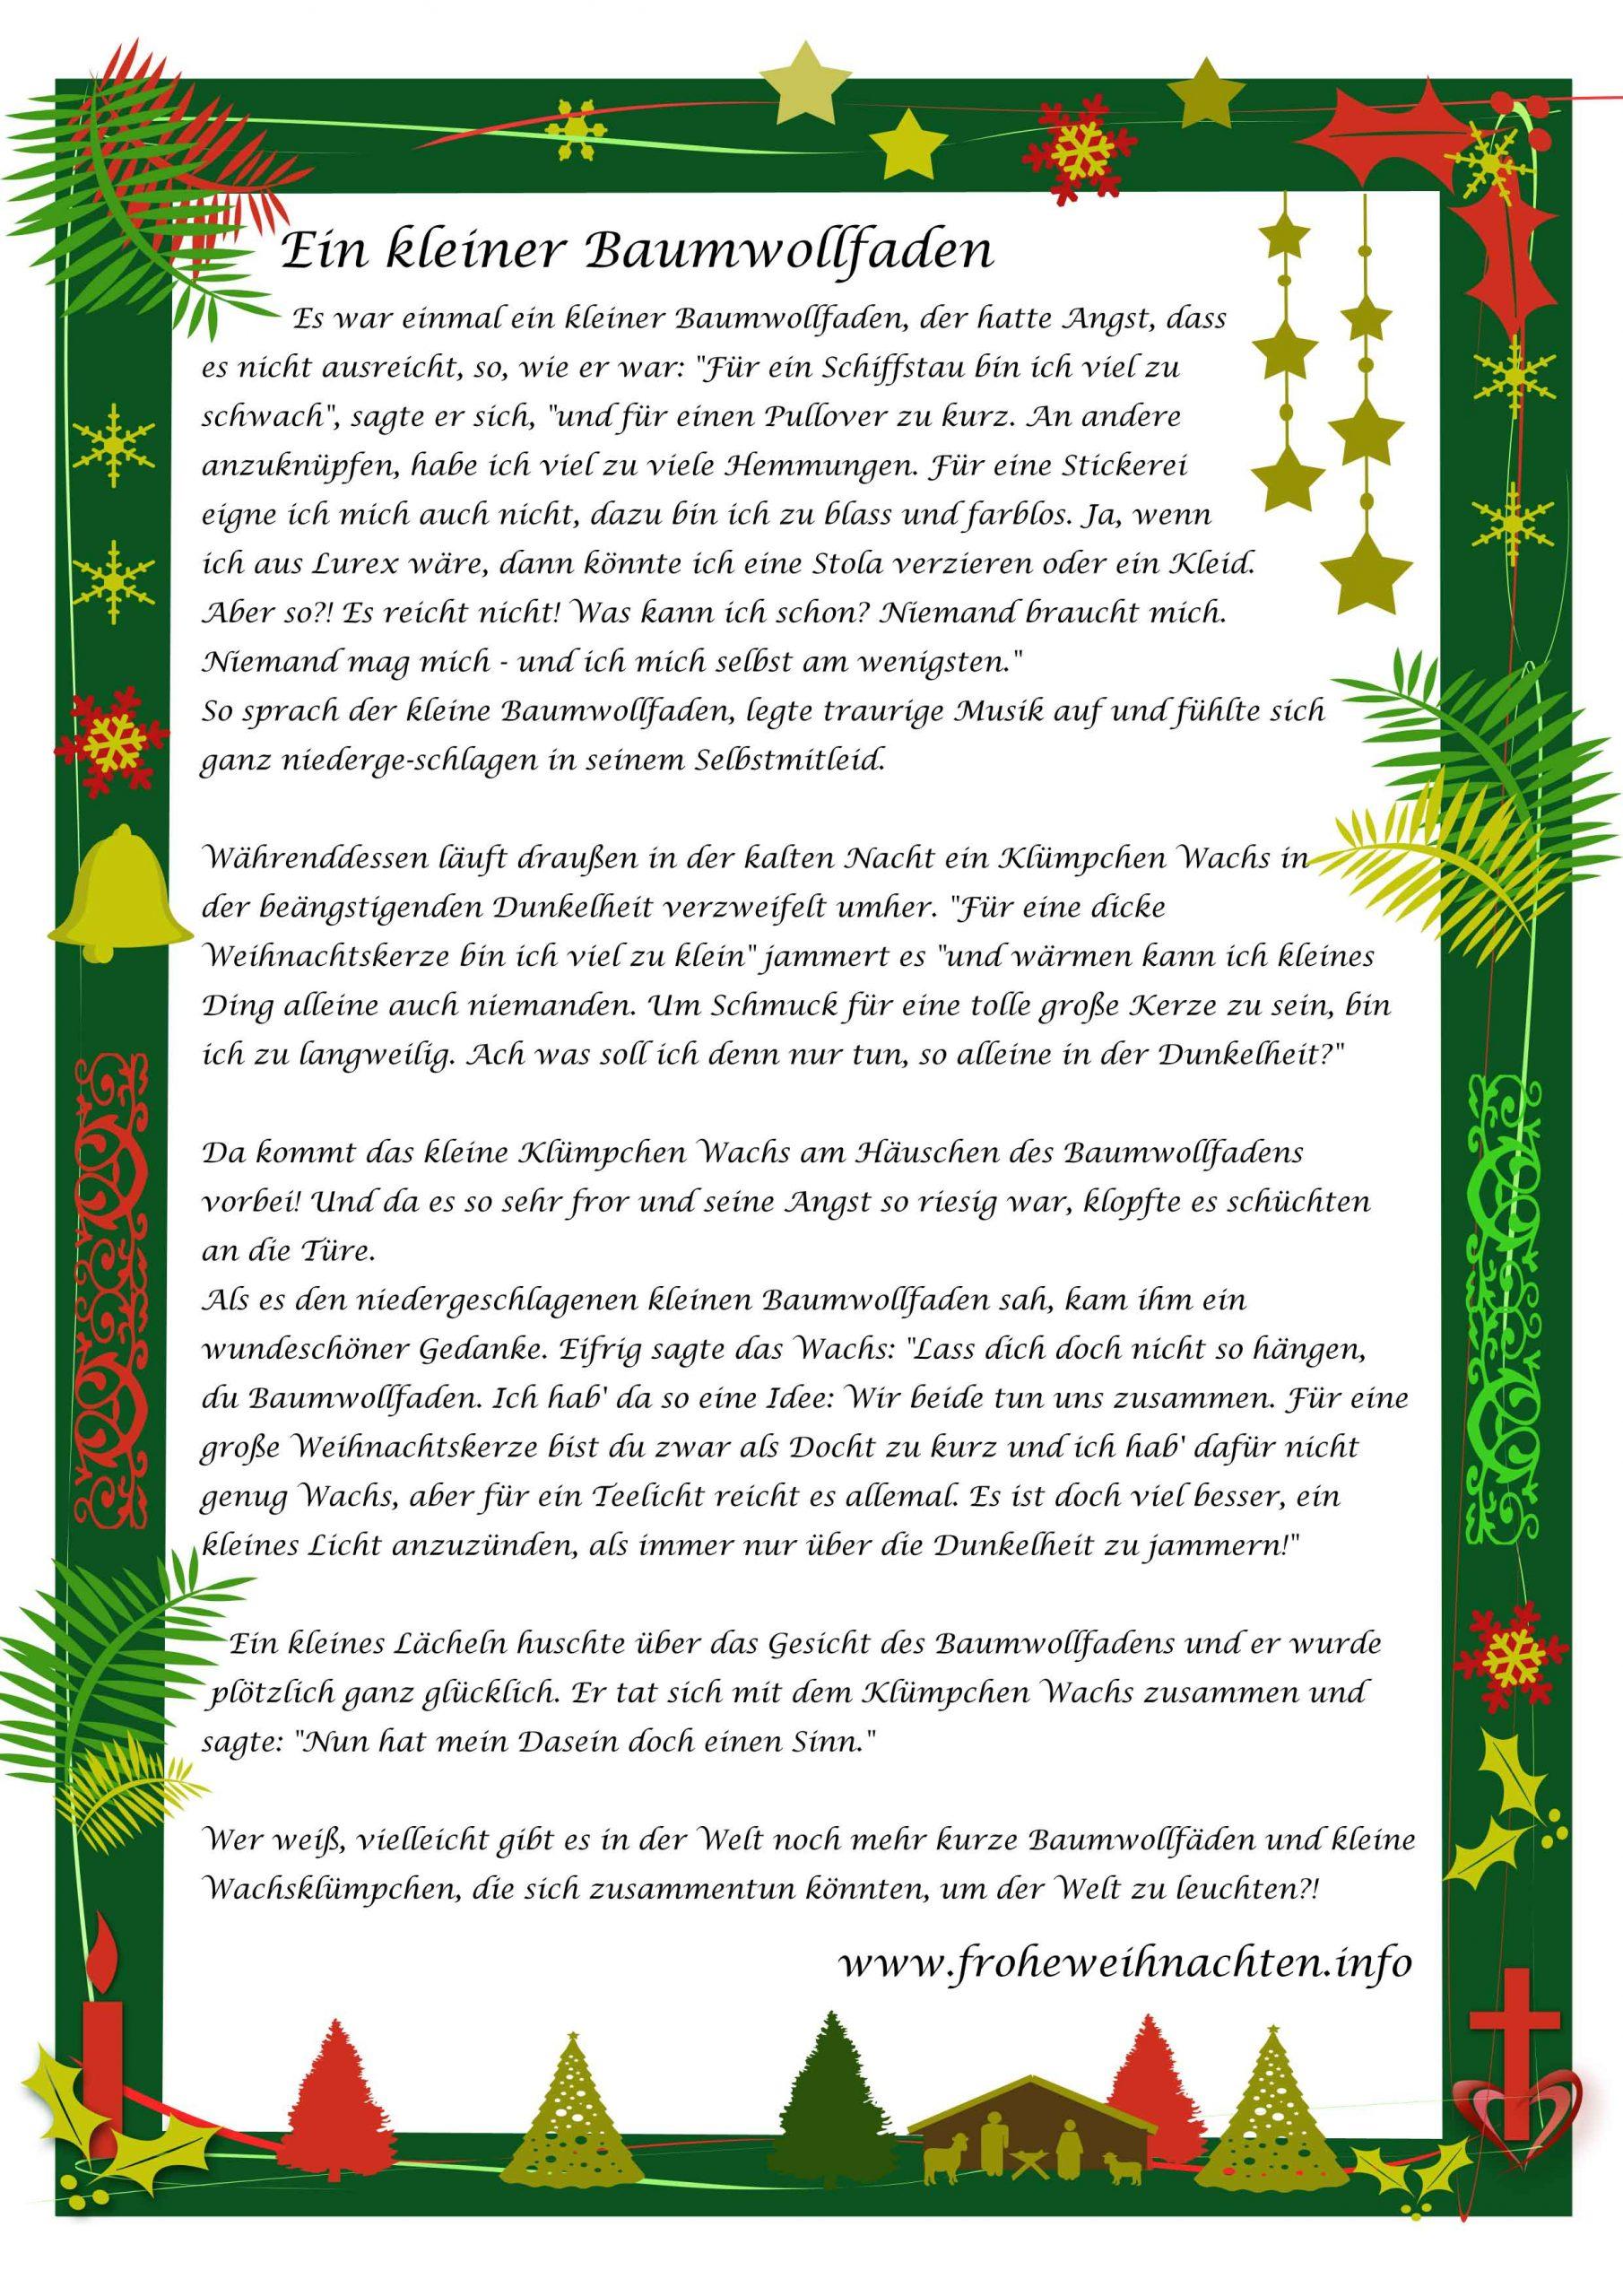 Weihnachtsgeschichten Zum Vorlesen - Für Kinder, Erwachsene ganzes Lustige Weihnachtsgeschichten Für Kindergartenkinder Kurz